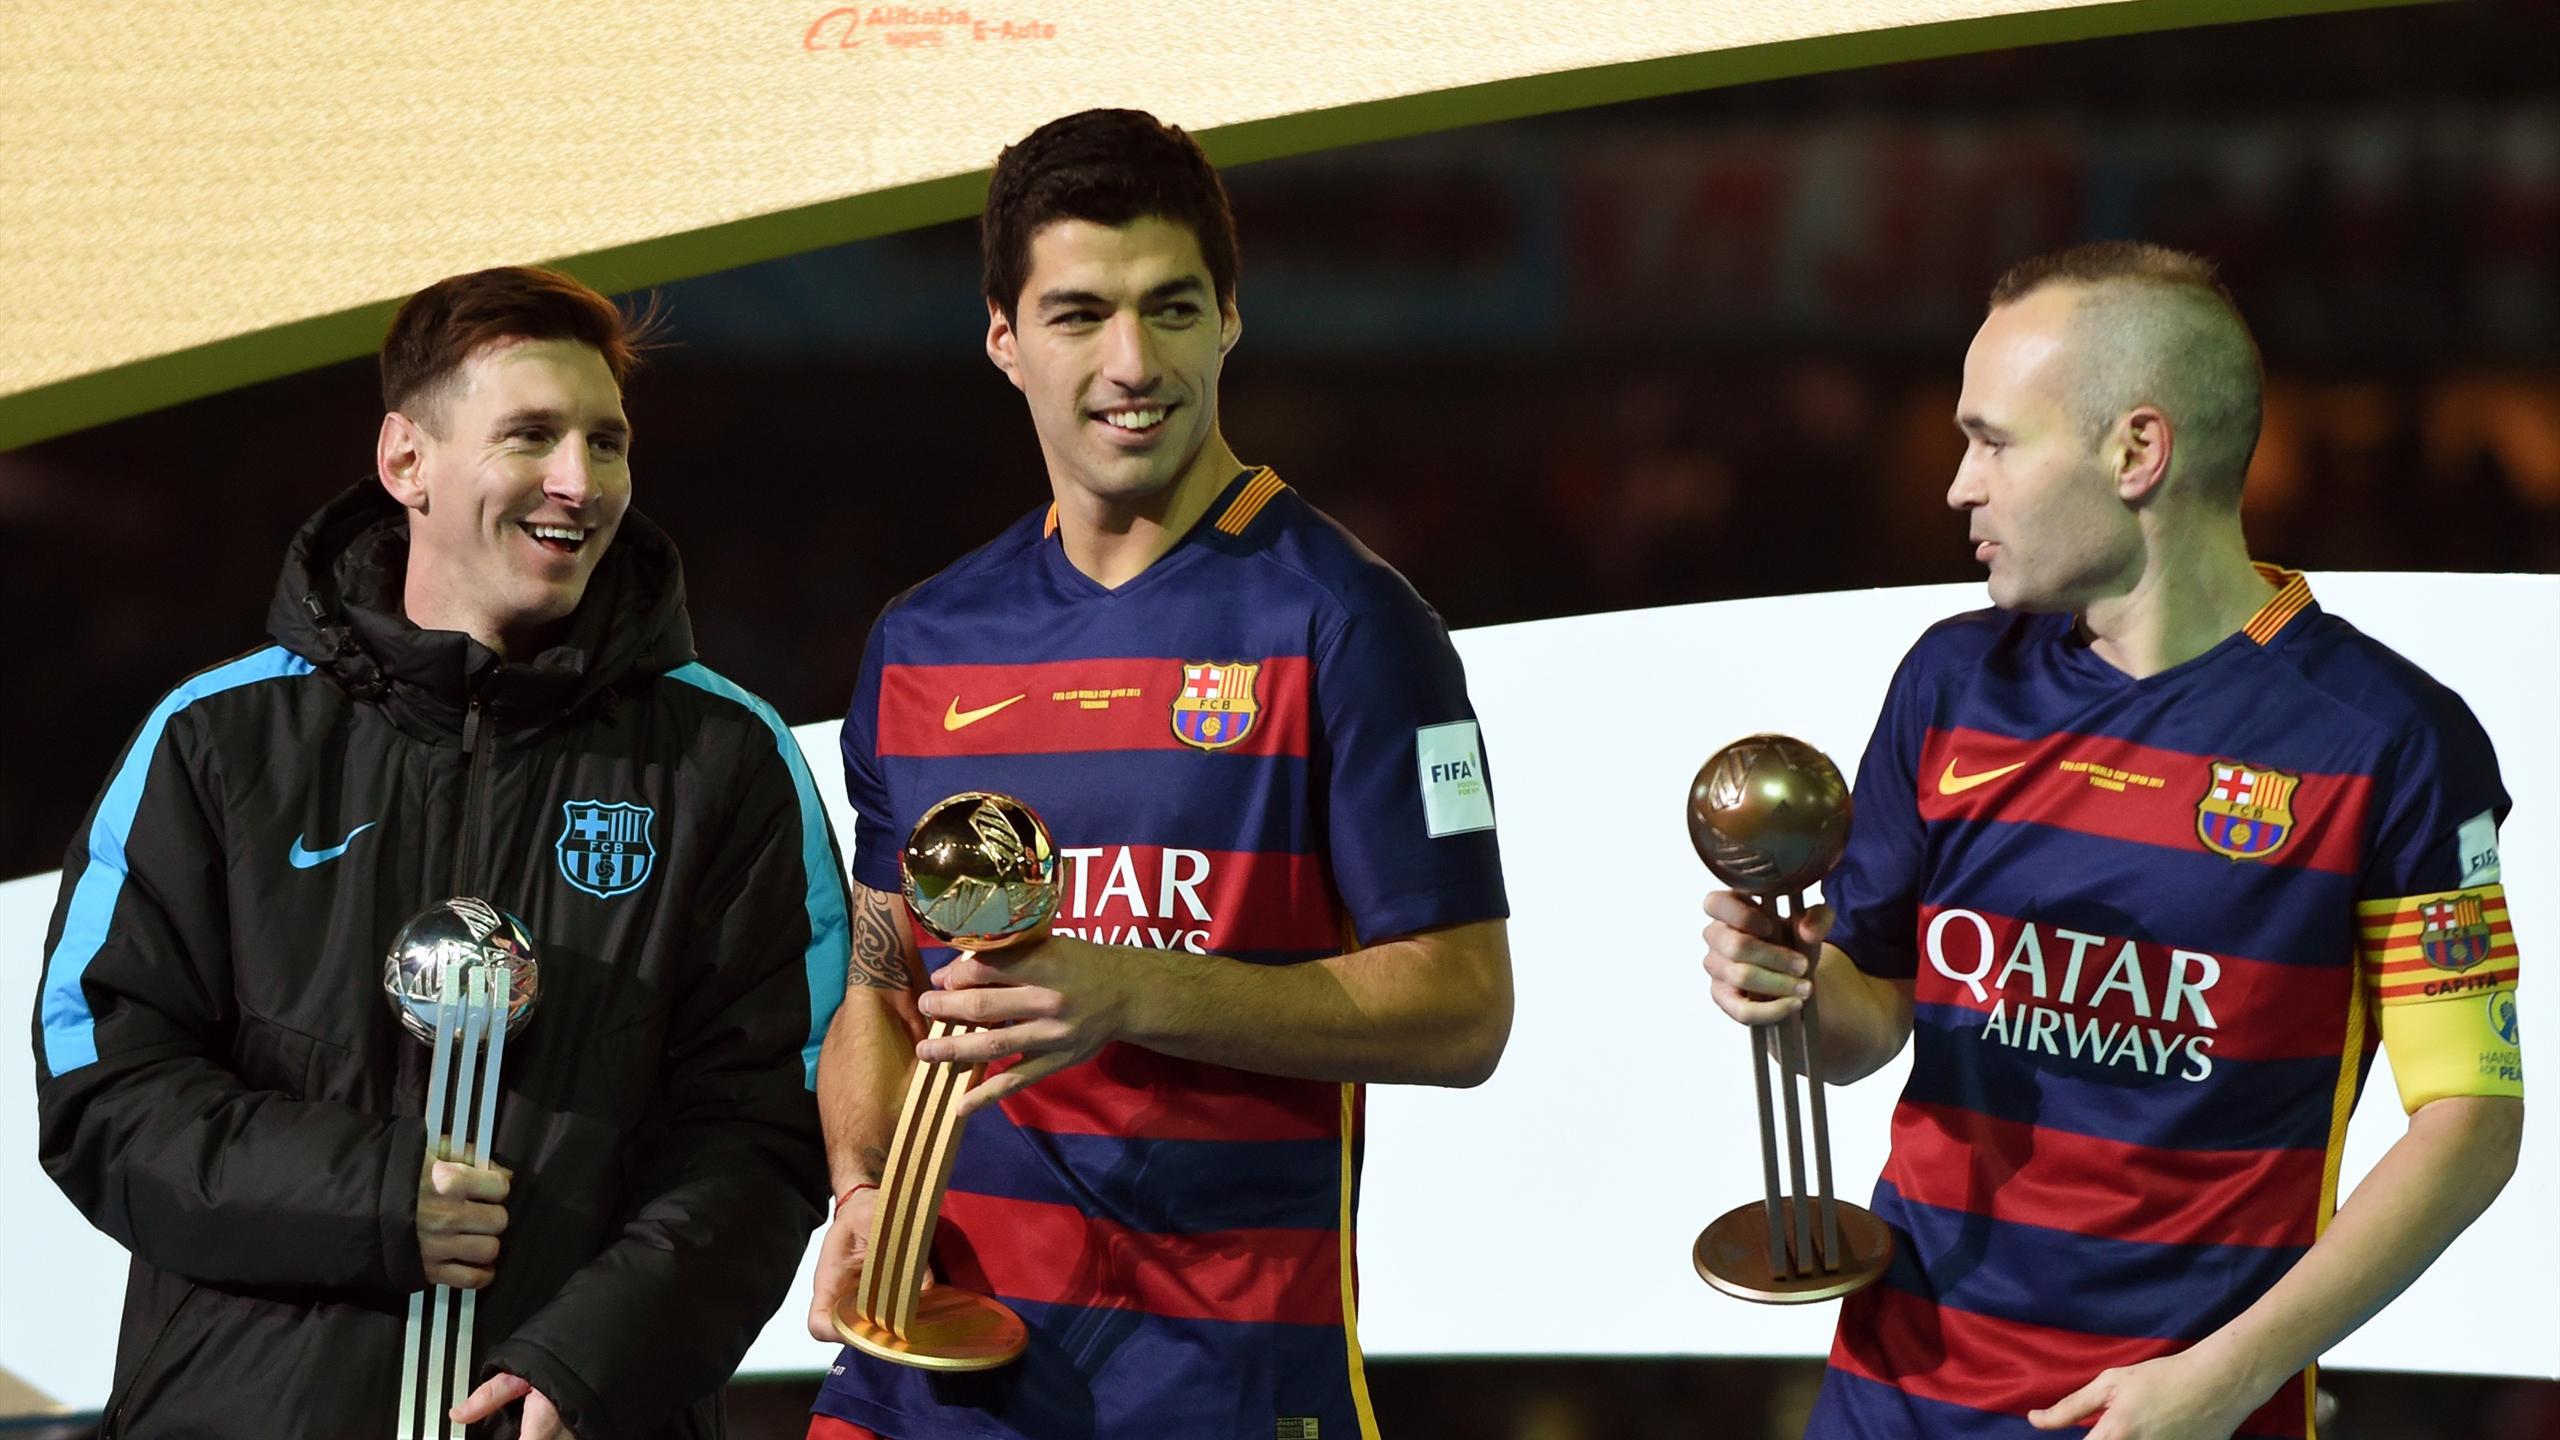 Luis Suarez, meilleur joueur de la Coupe du monde des clubs devant ses équipiers du FC Barcelone Lionel Messi et Andres Iniesta